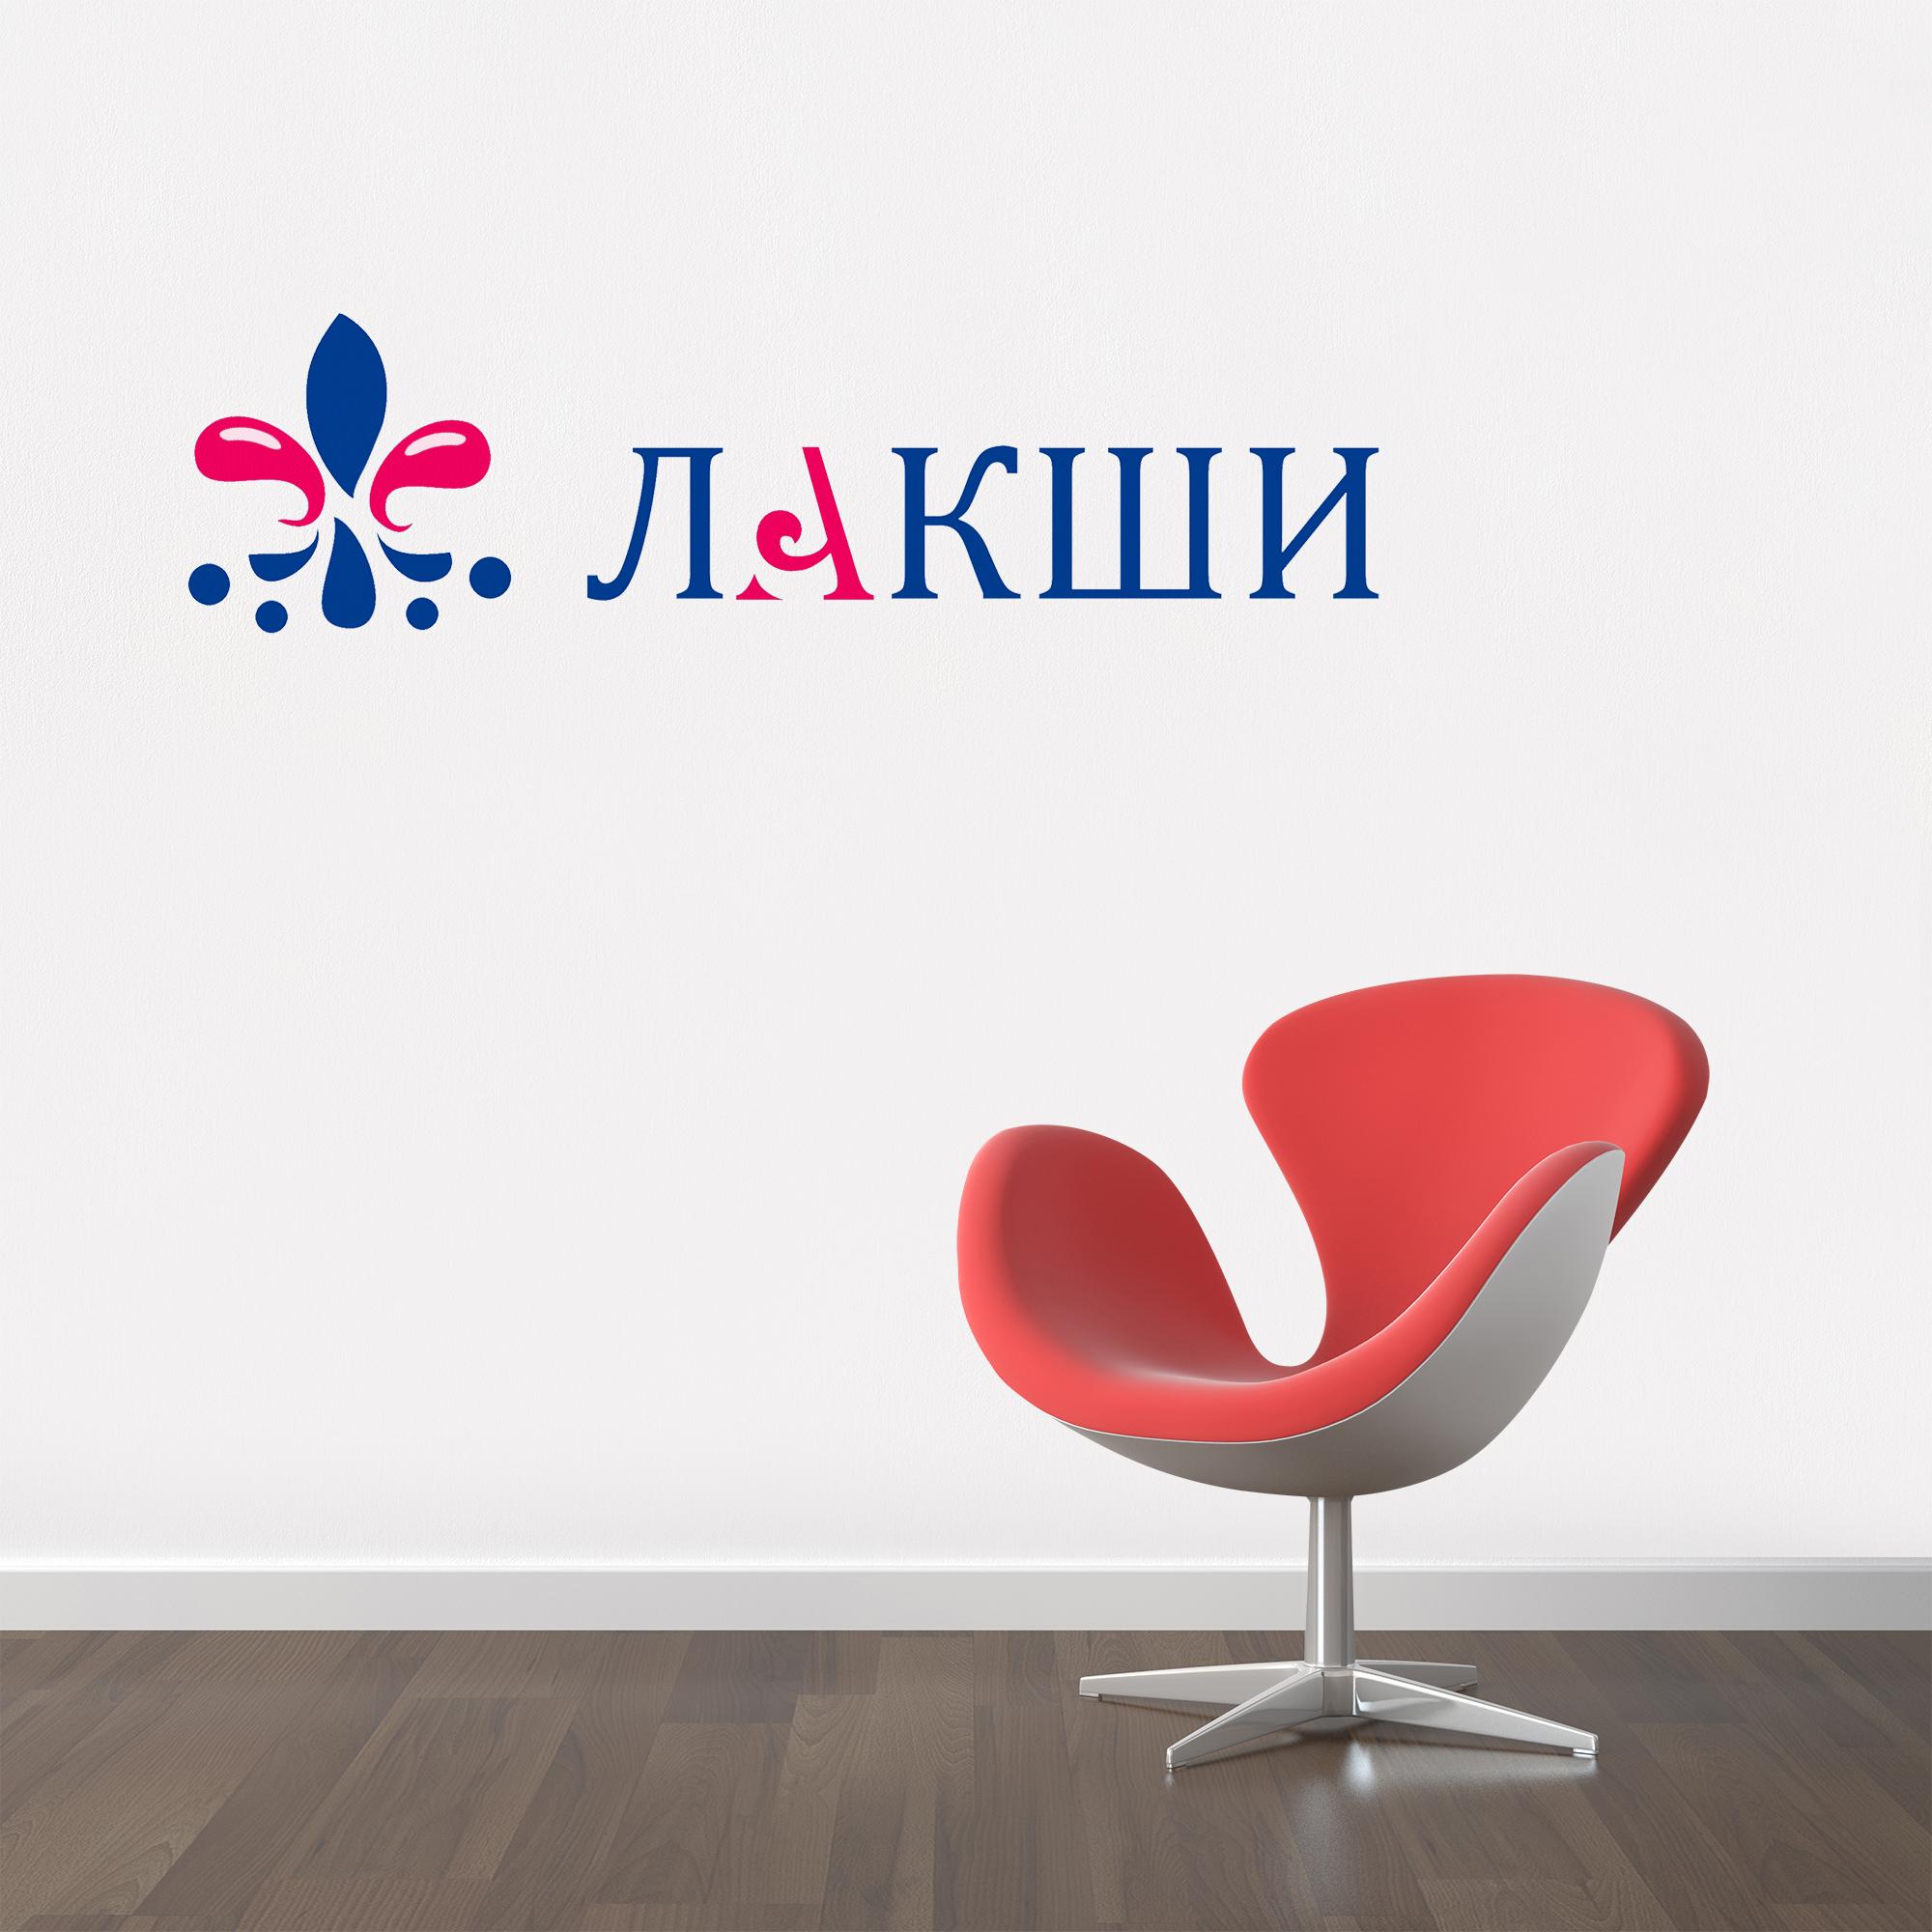 Разработка логотипа фирменного стиля фото f_2195c5caed852545.jpg